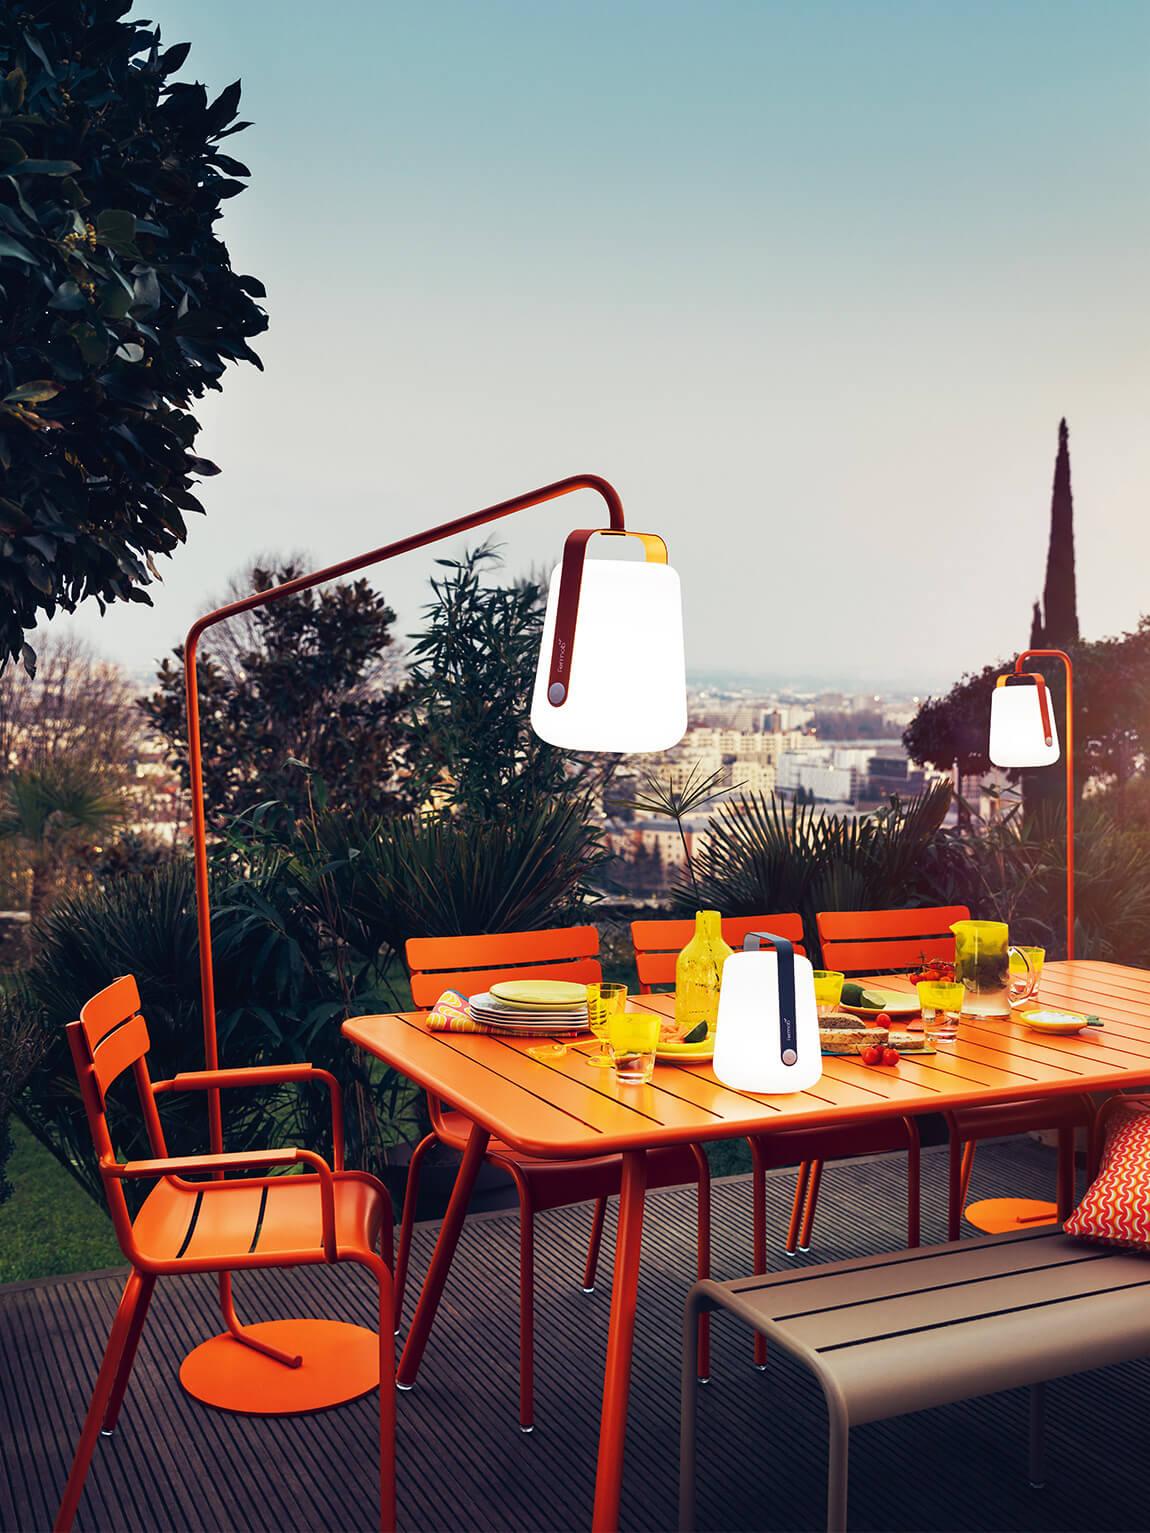 Gartenlampe vor rotem Tisch